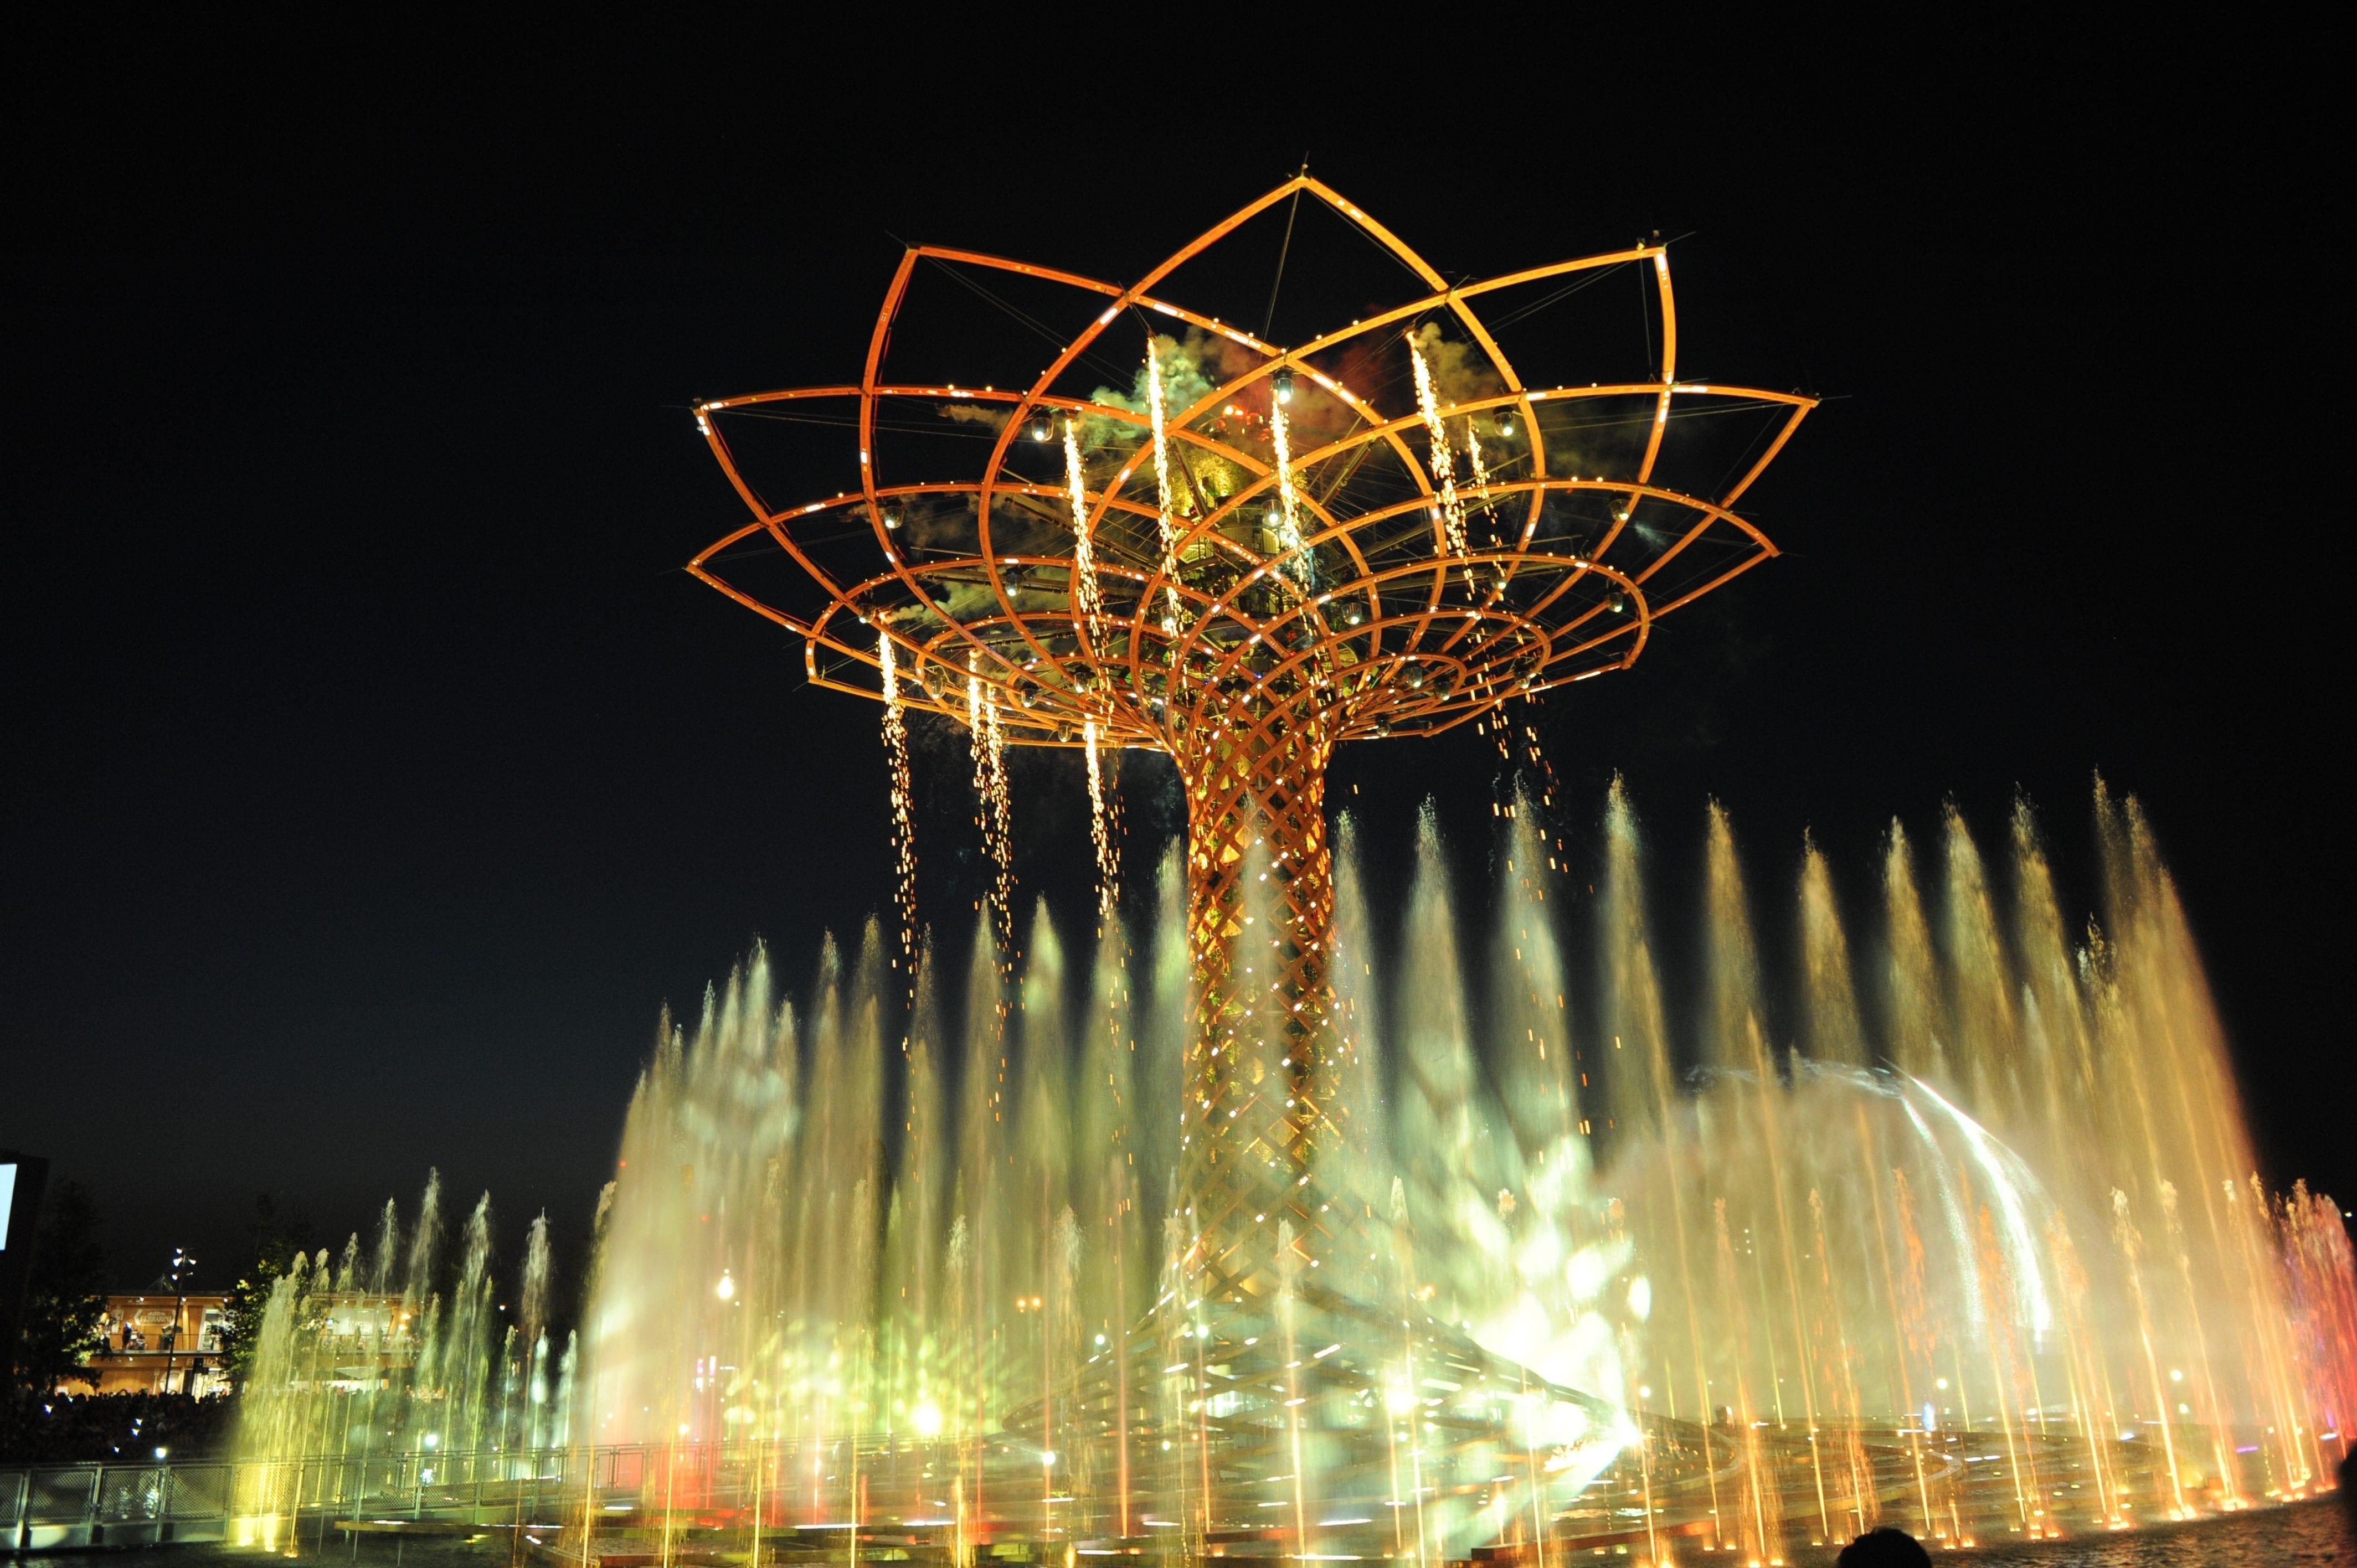 Expo: Avvenia, in 6 mesi consumi energia pari a circa 150 mln kwh